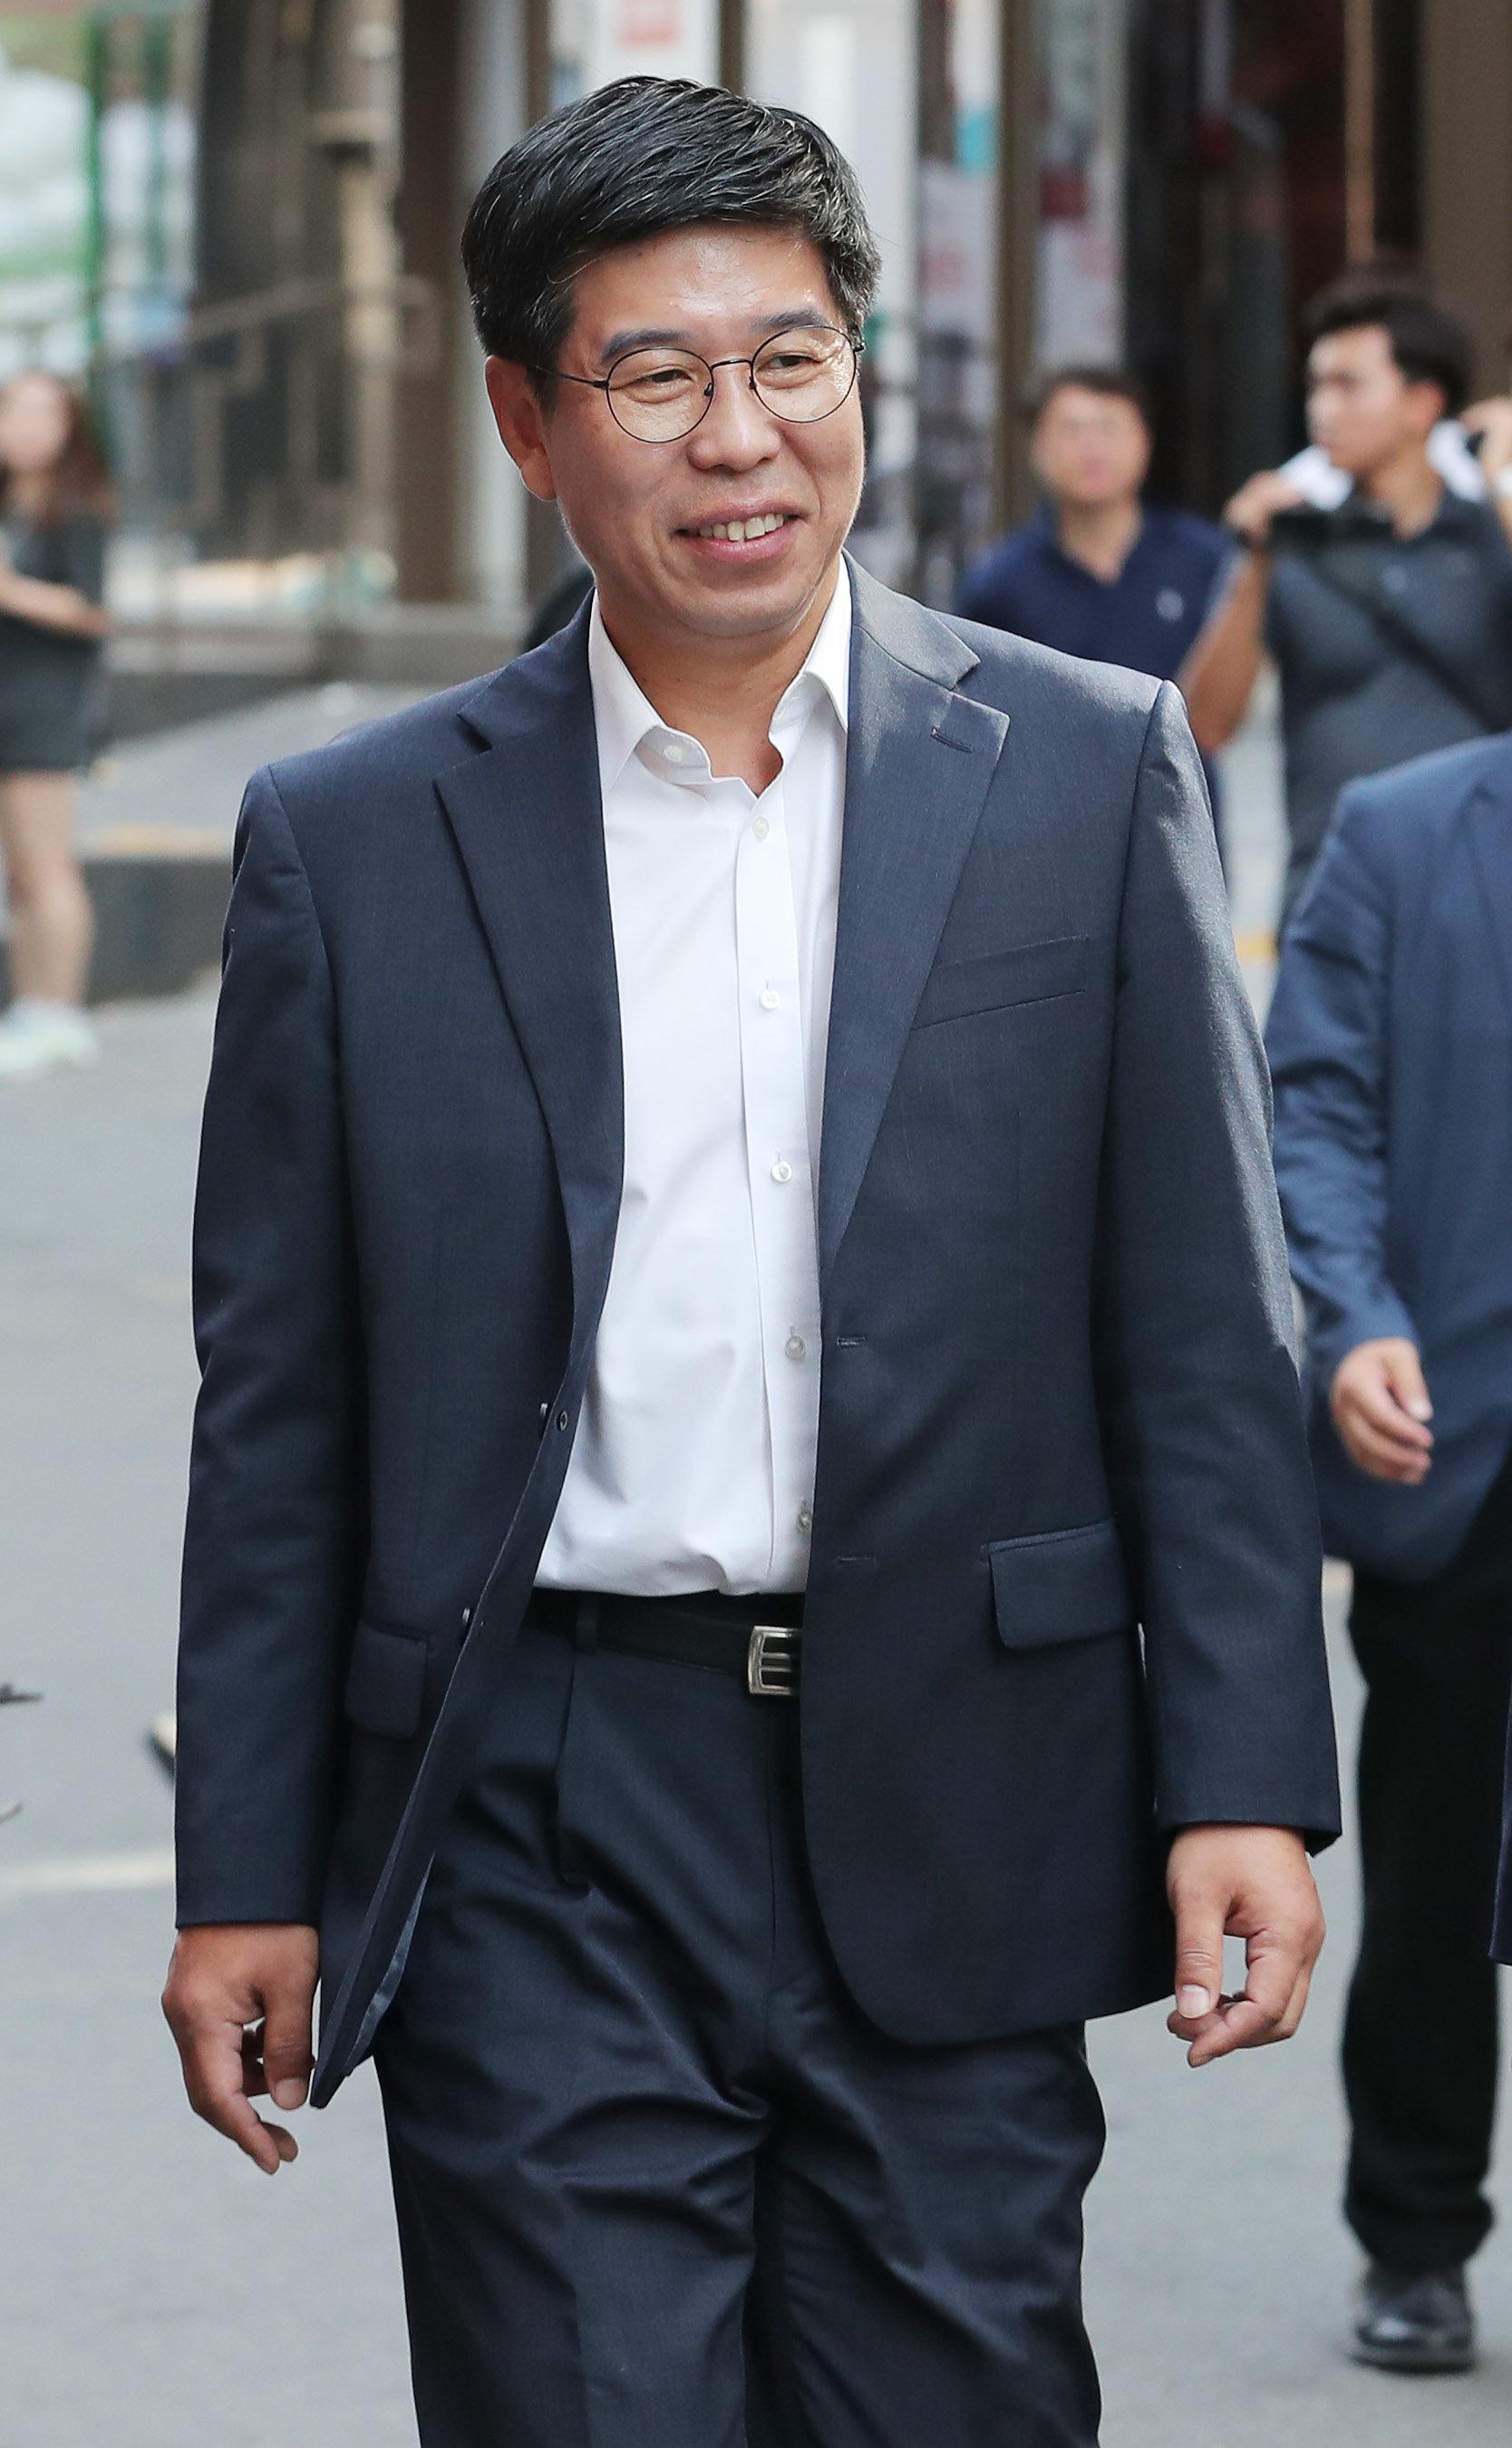 백원우 청와대 민정비서관이 '드루킹 특검'에